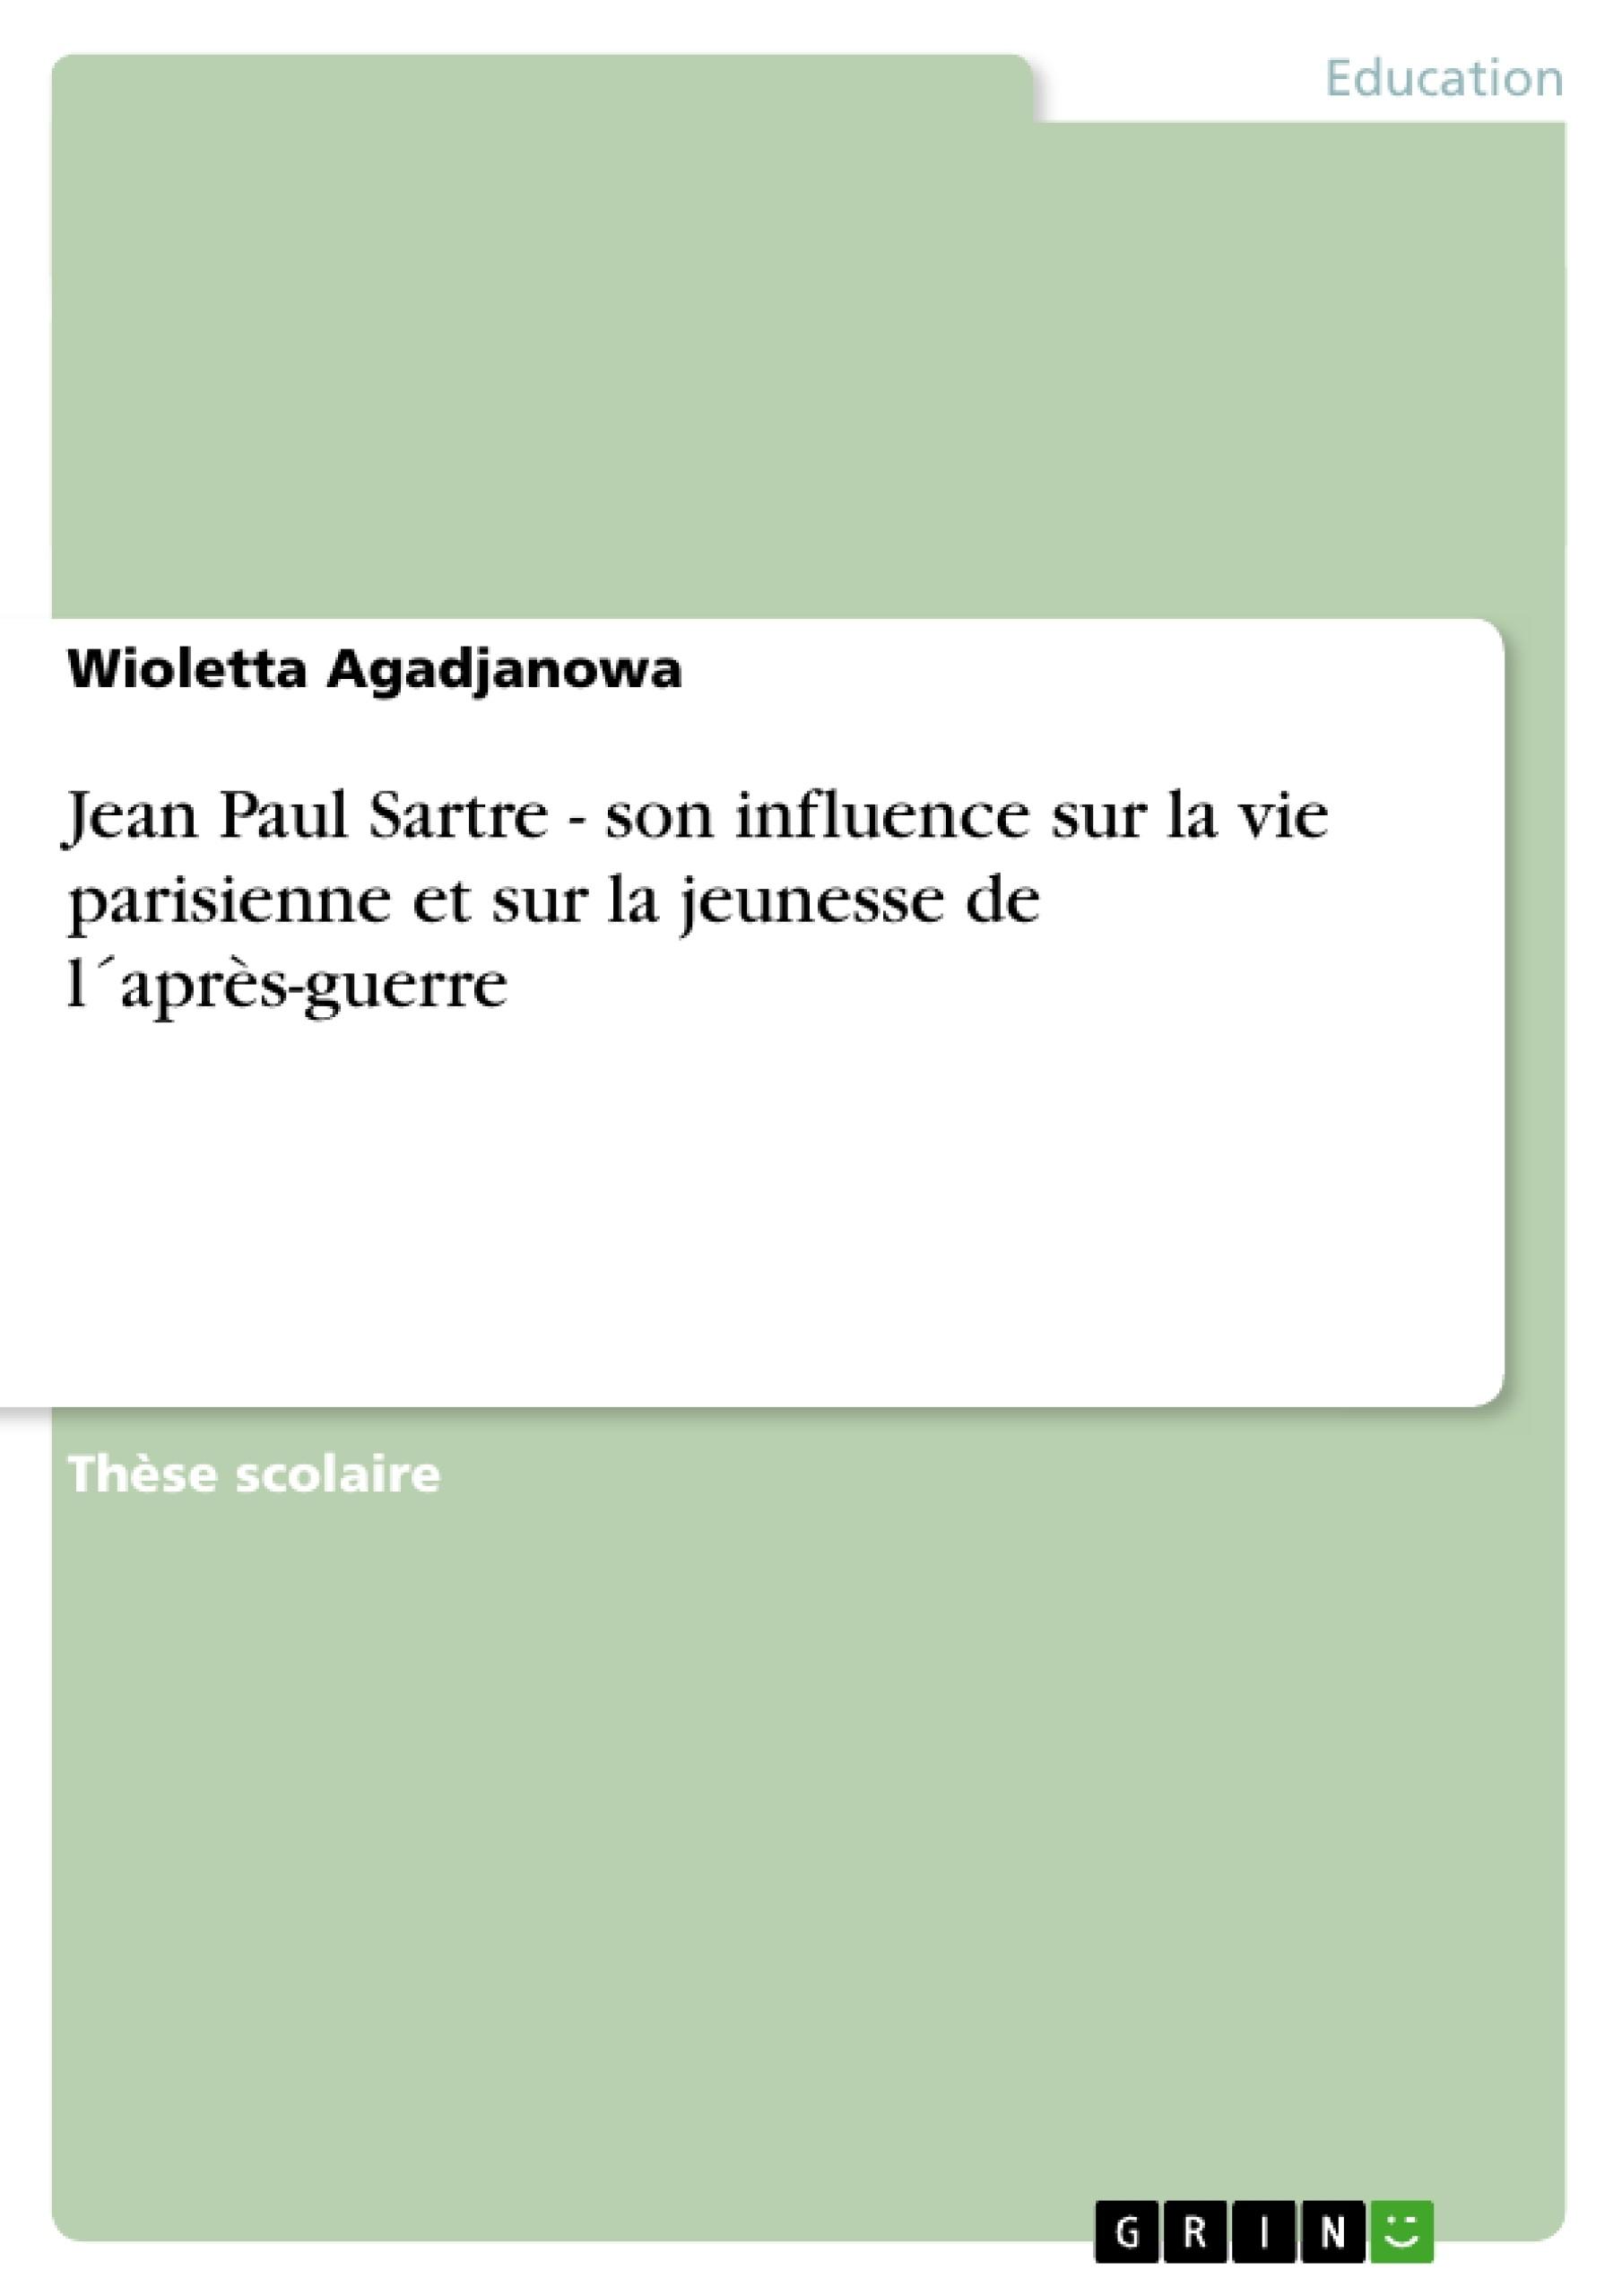 Titre: Jean Paul Sartre - son influence sur la vie parisienne et  sur la  jeunesse de l´après-guerre